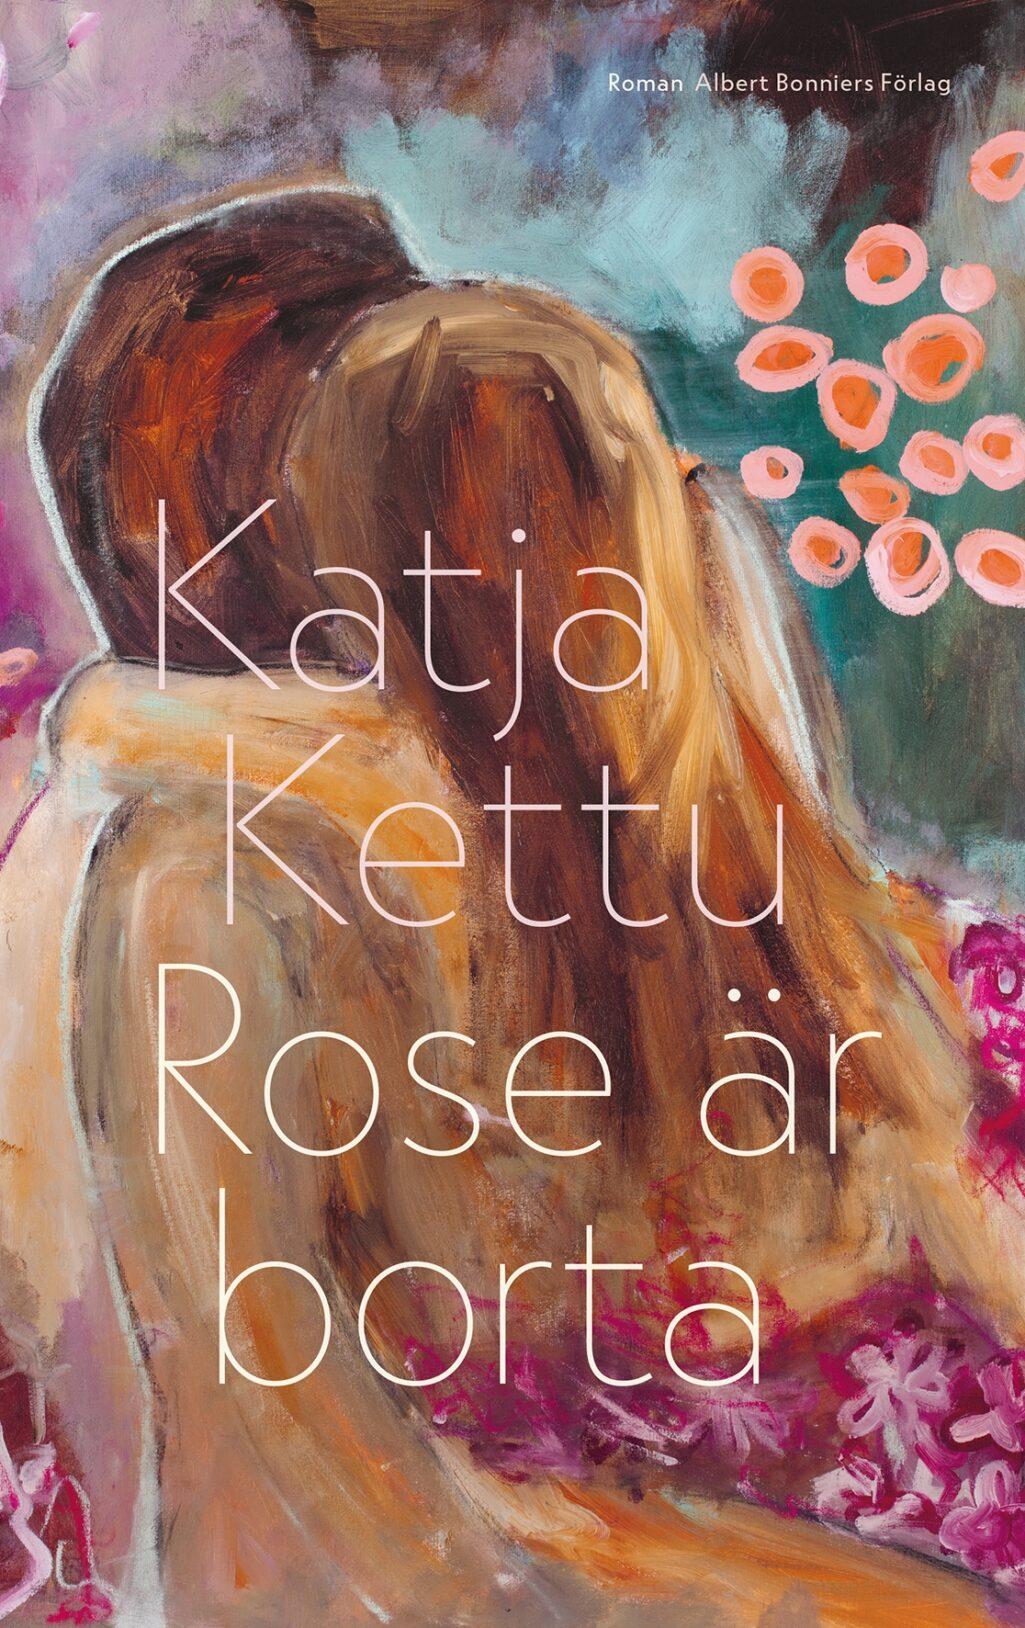 rose-ar-borta